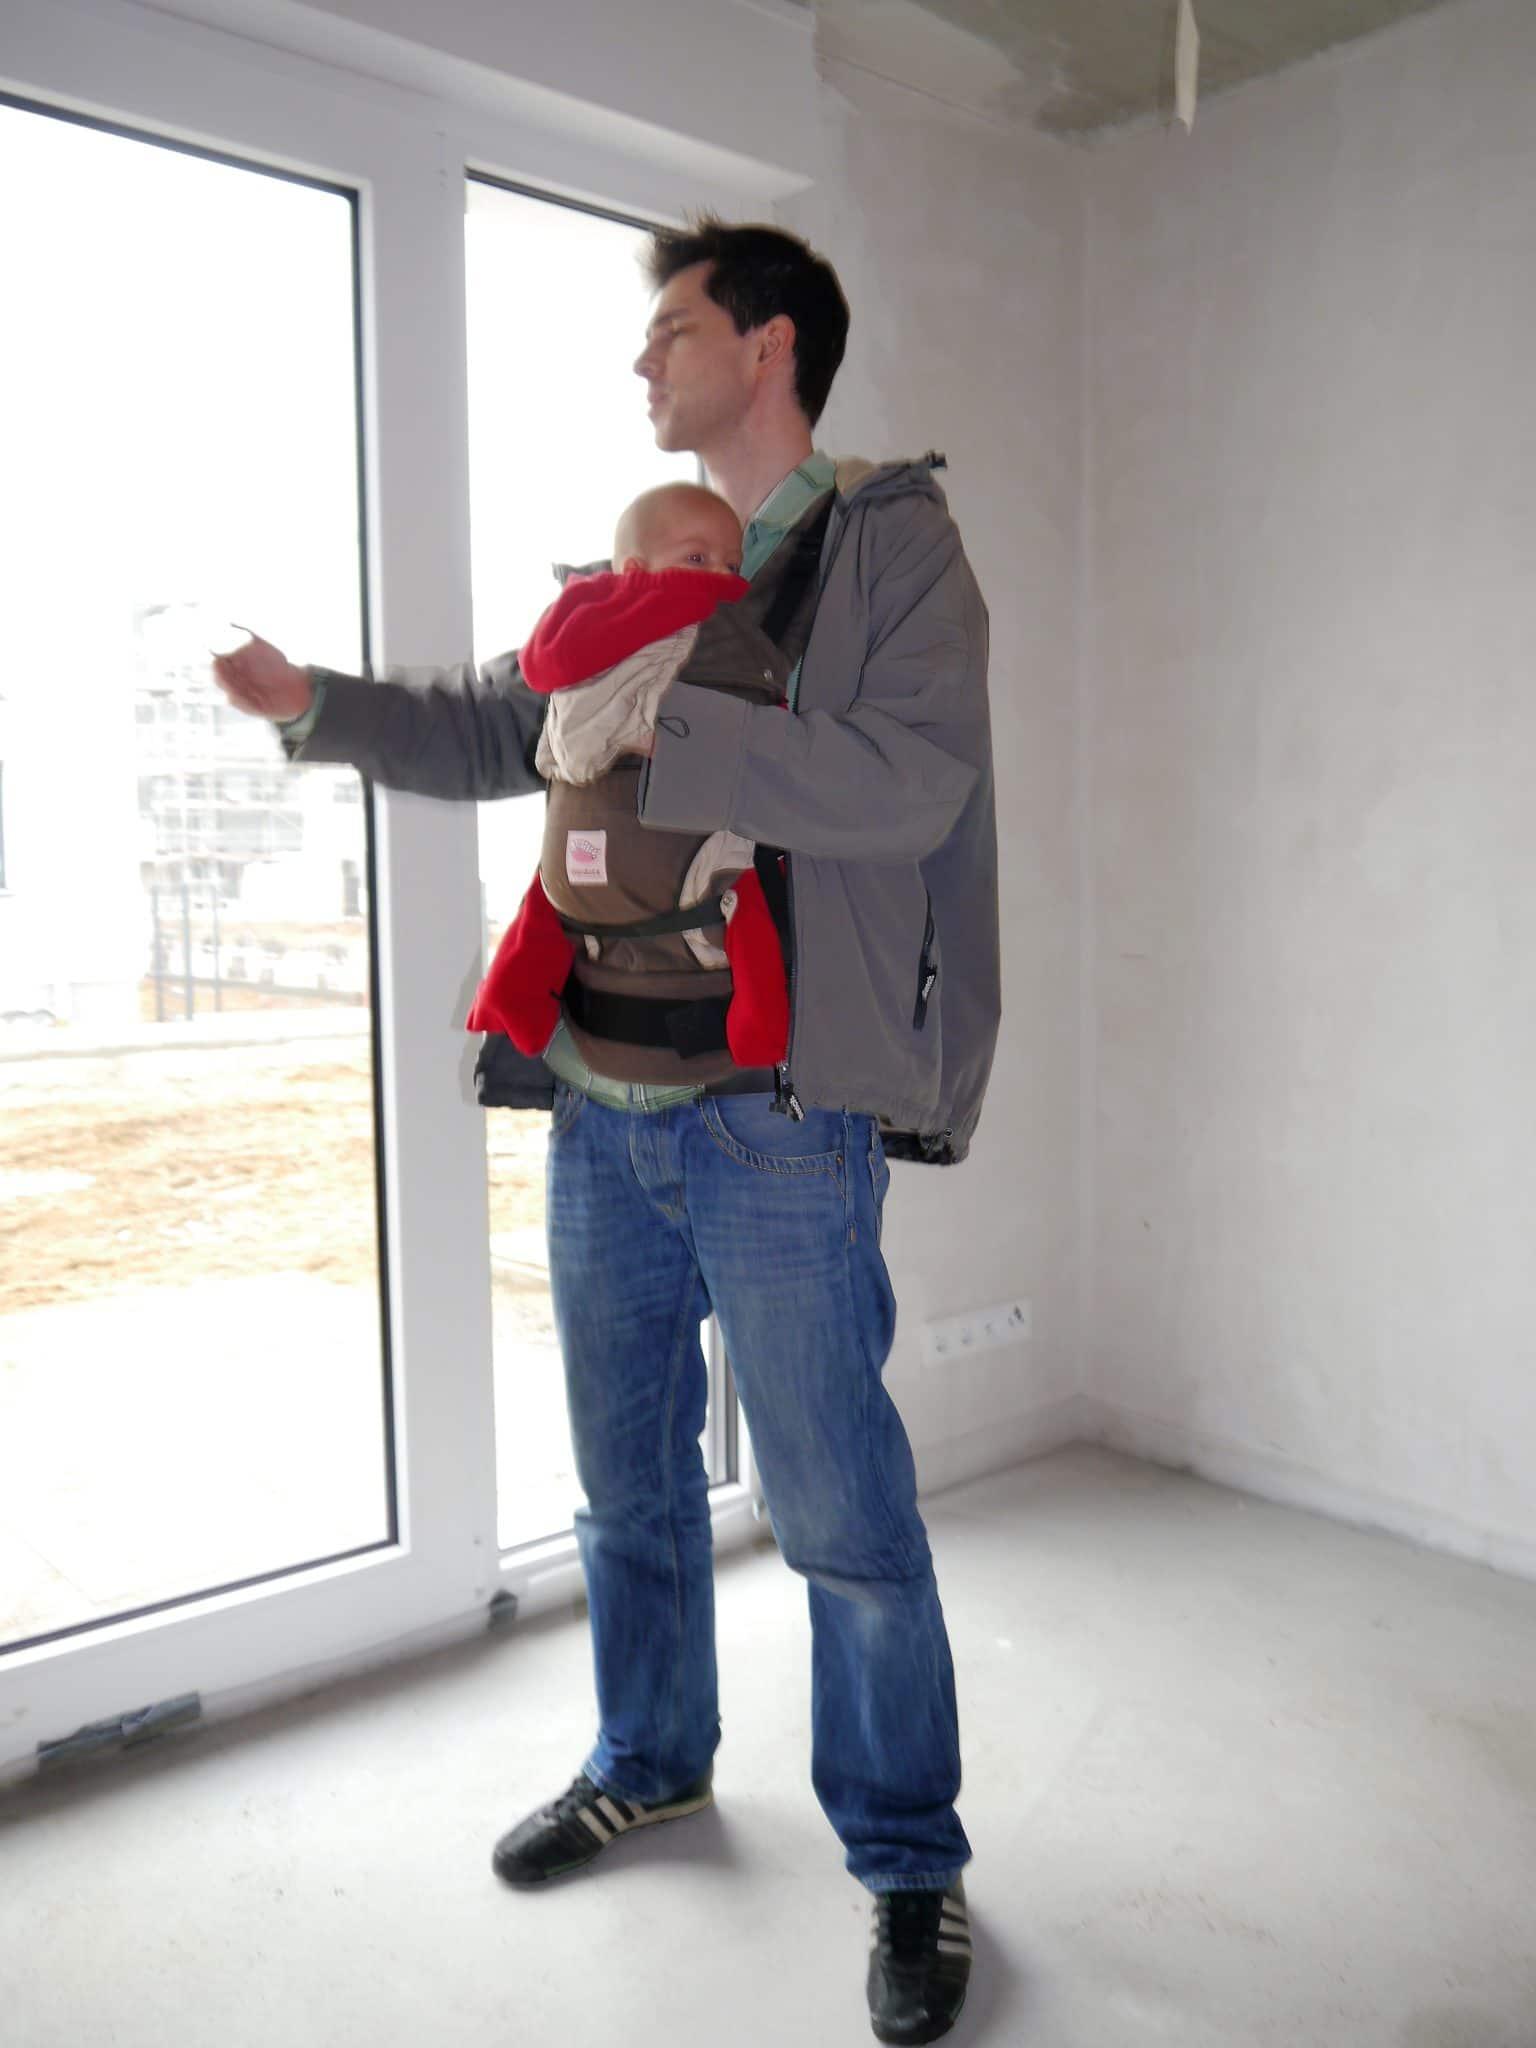 Papa-mit-Baby-auf-Baustelle